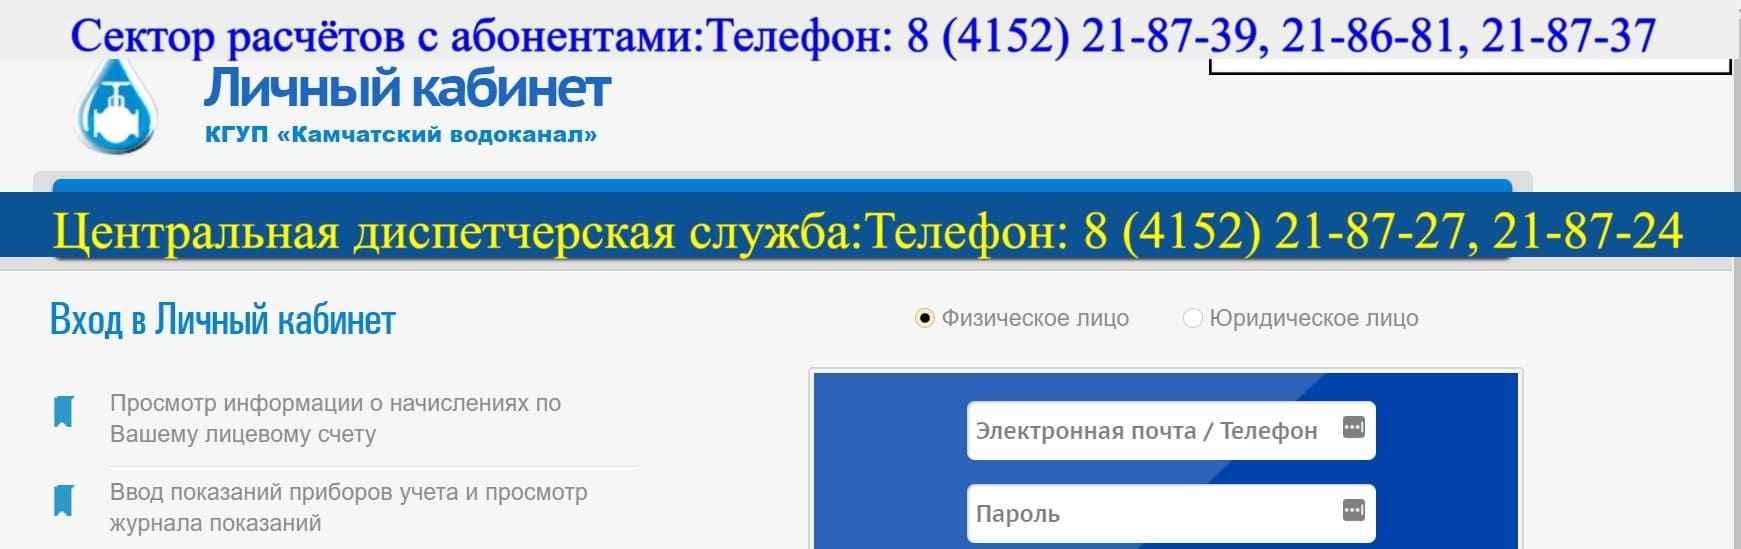 ЛК КГУП «Камчатский Водоканал»